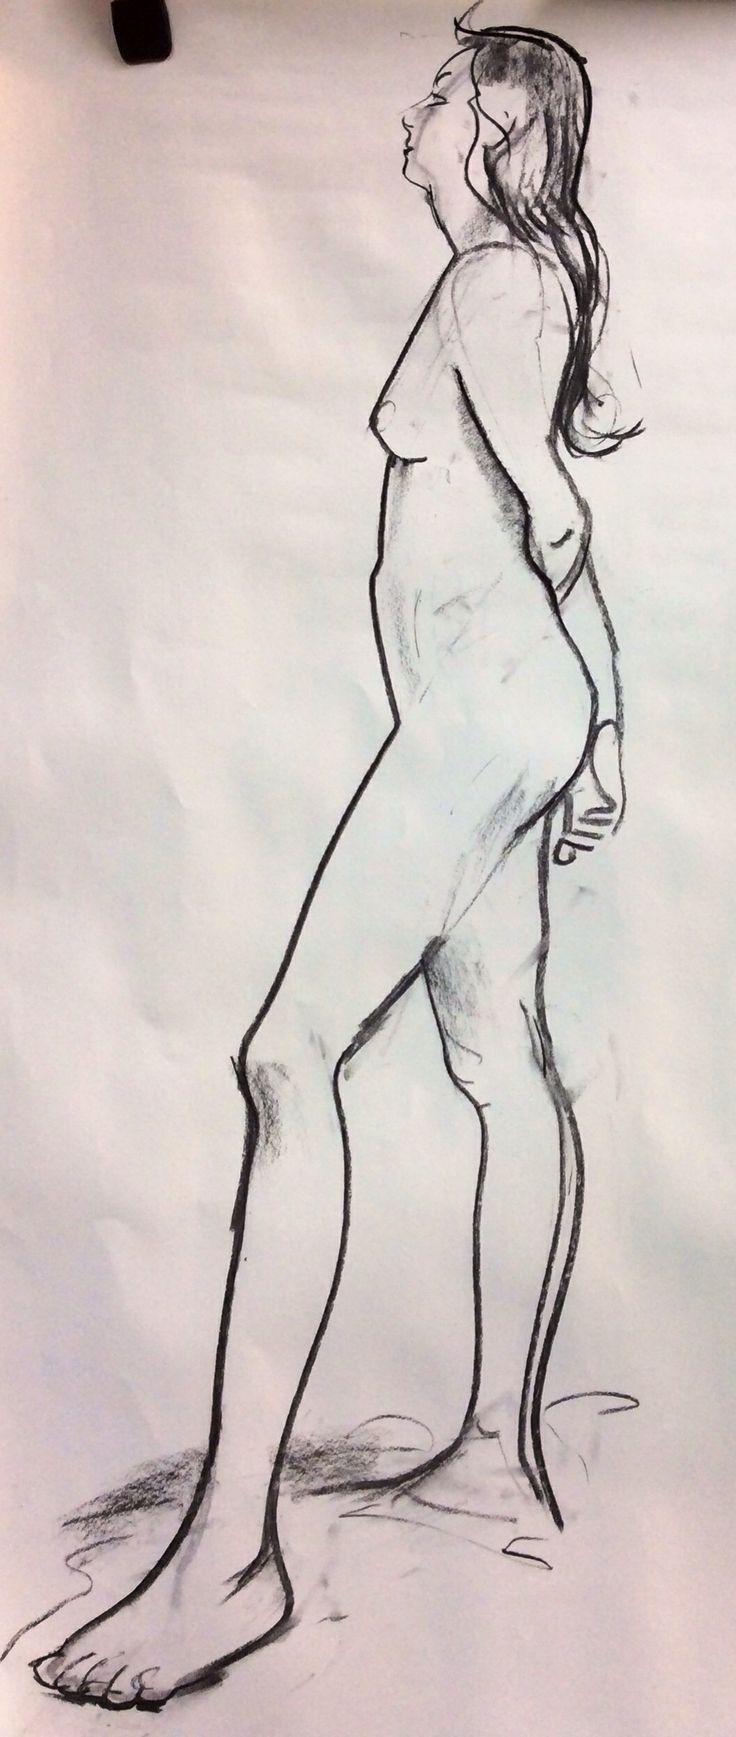 Geprobeerd heel direct te tekenen. Mijn kneedgum heb ik niet gebruikt.